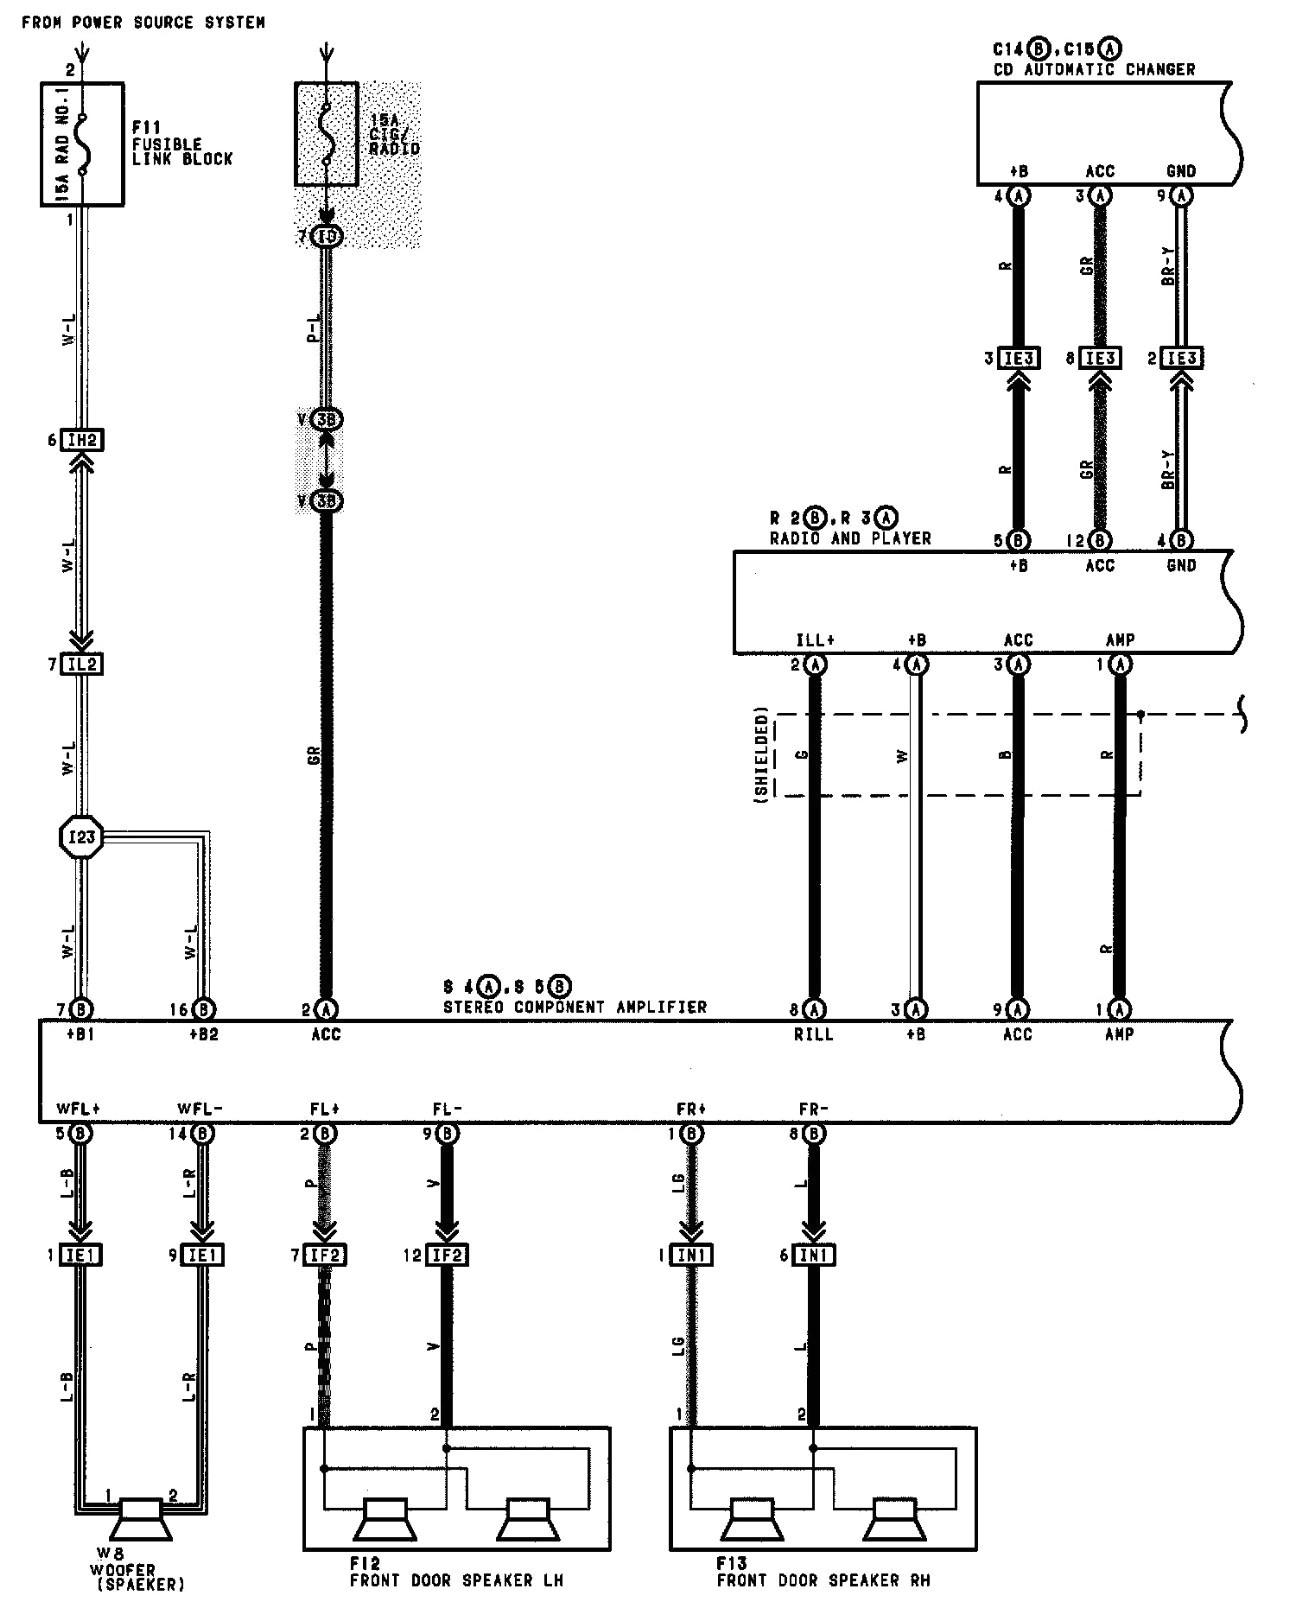 2010 tacoma radio wiring diagram wiring diagram database tacoma 2007 radio wiring harness diagram free download wiring